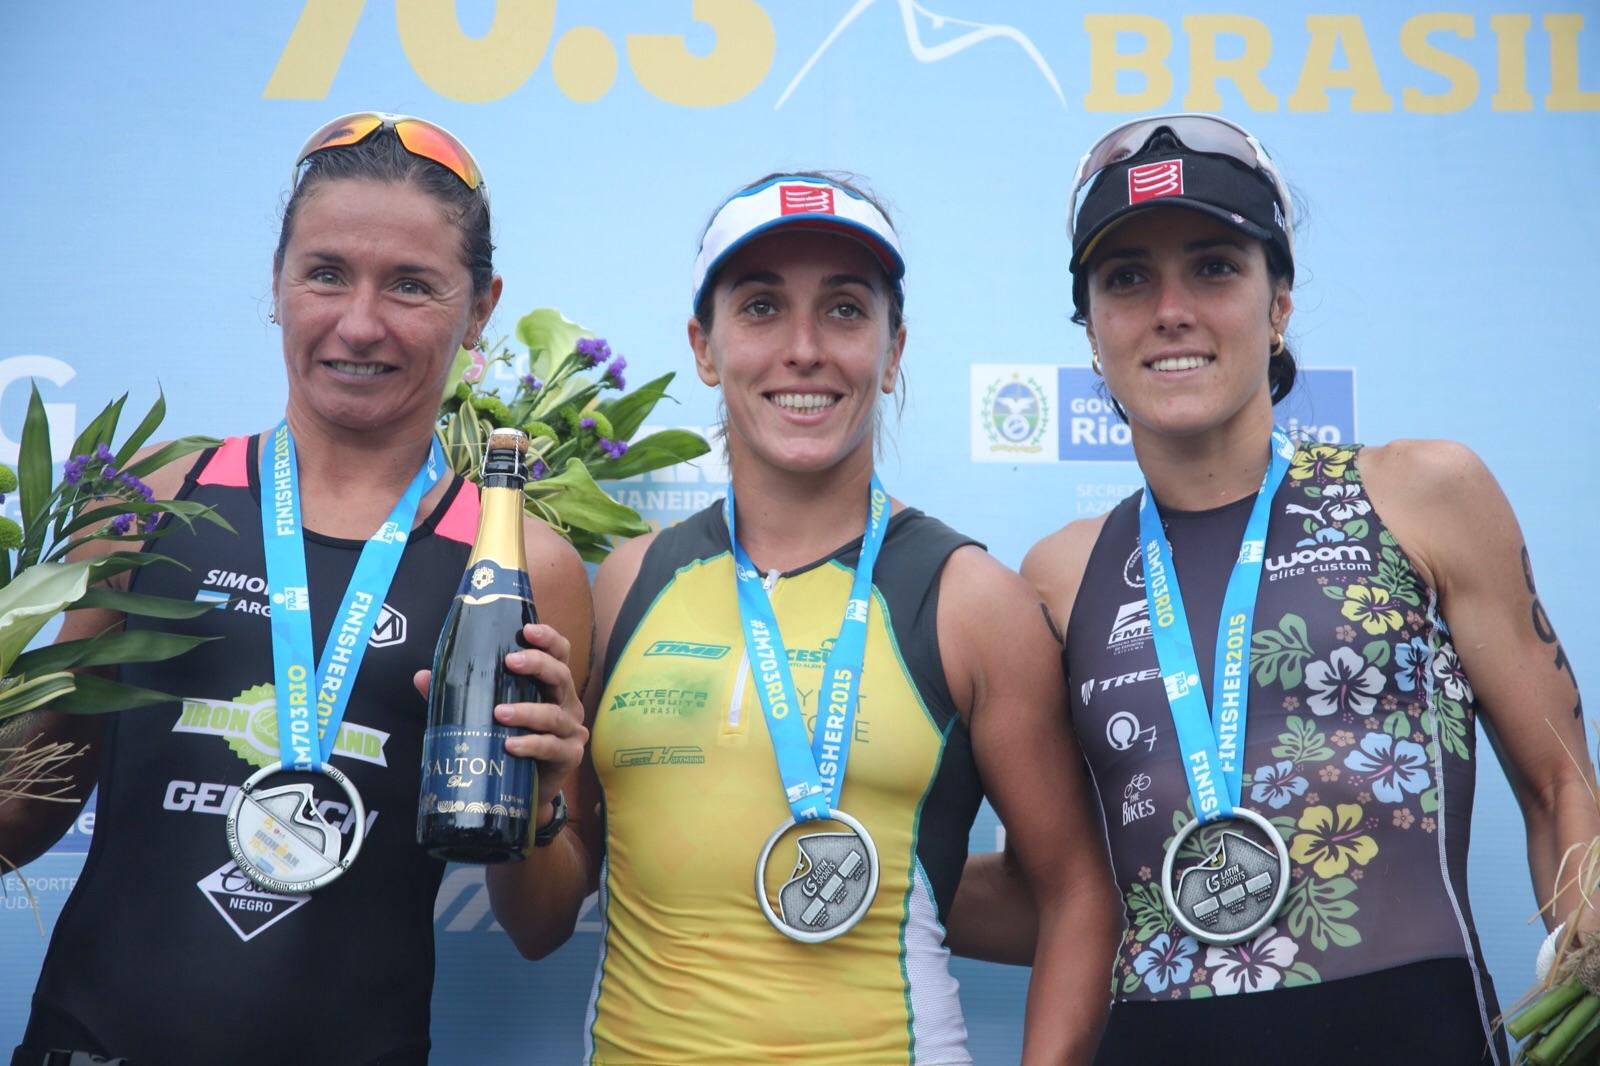 Da esq. para direita, o top 3 feminino: Erika Simon, Marina Andrade e Carol Furriela. Foto: Fernanda Paradizo